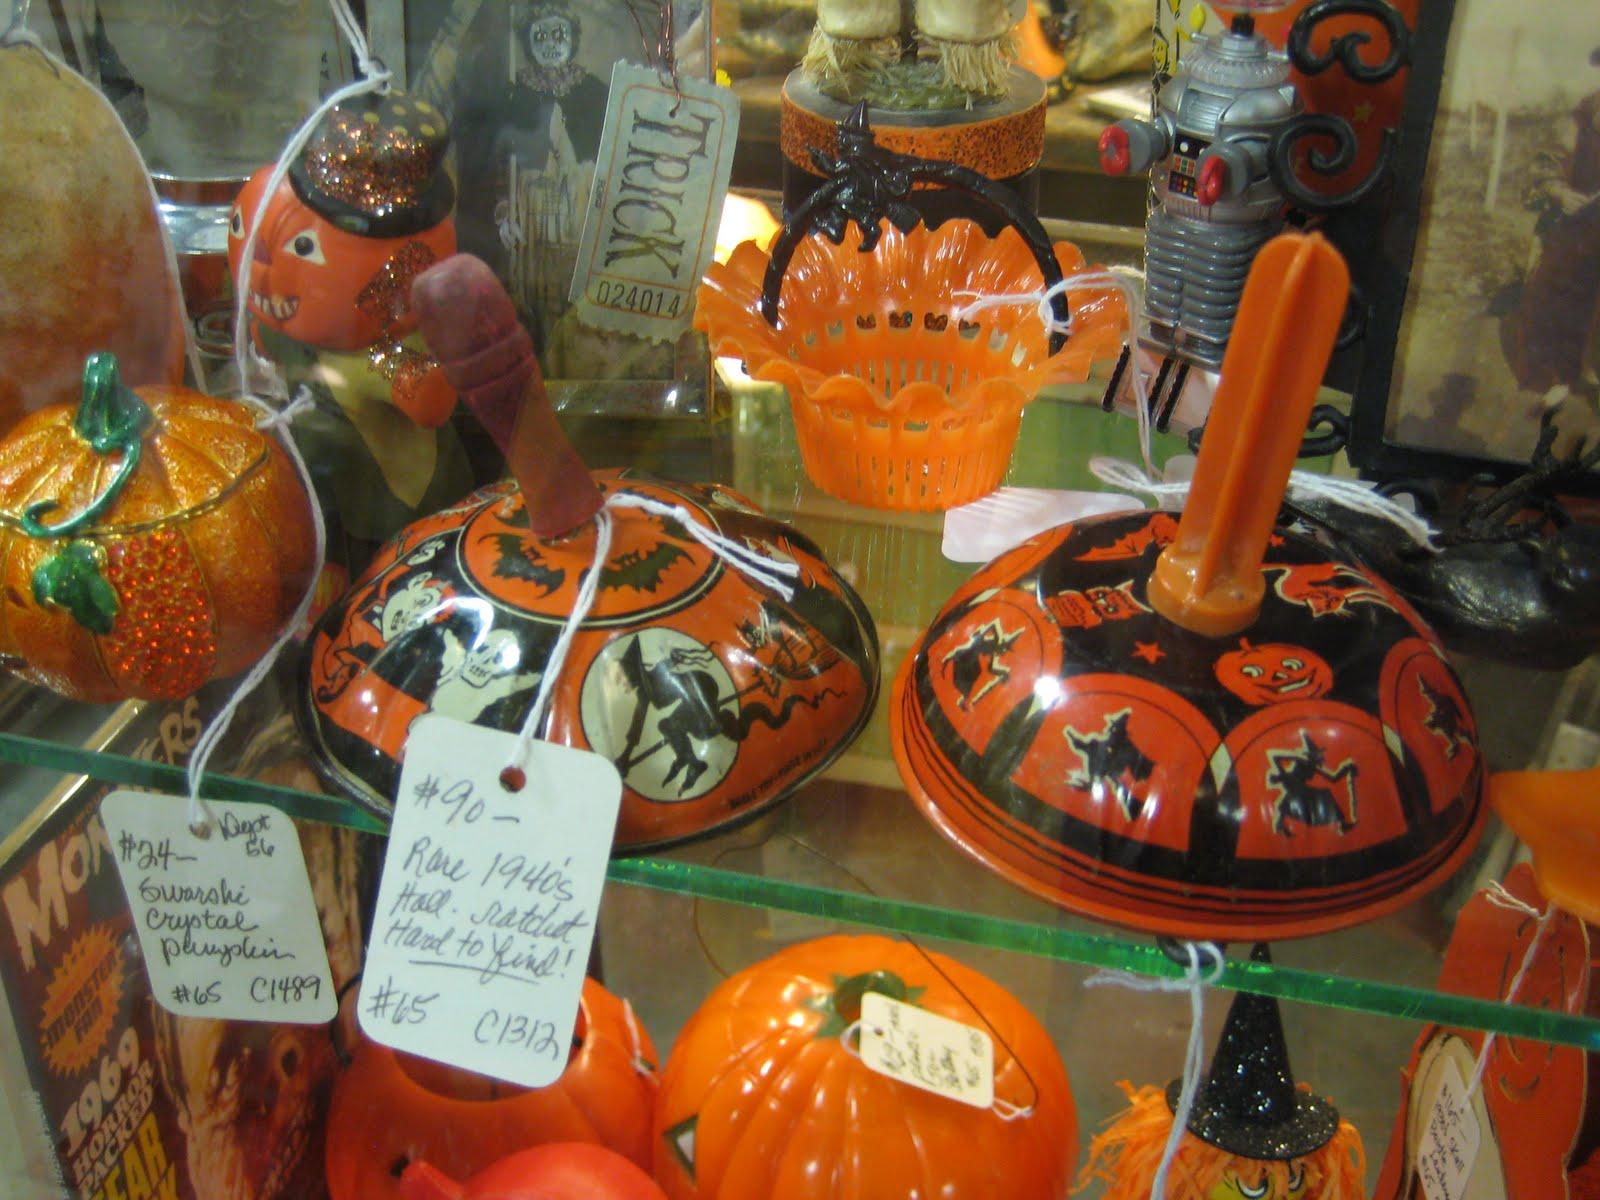 c. dianne zweig - kitsch 'n stuff: tips on collecting halloween